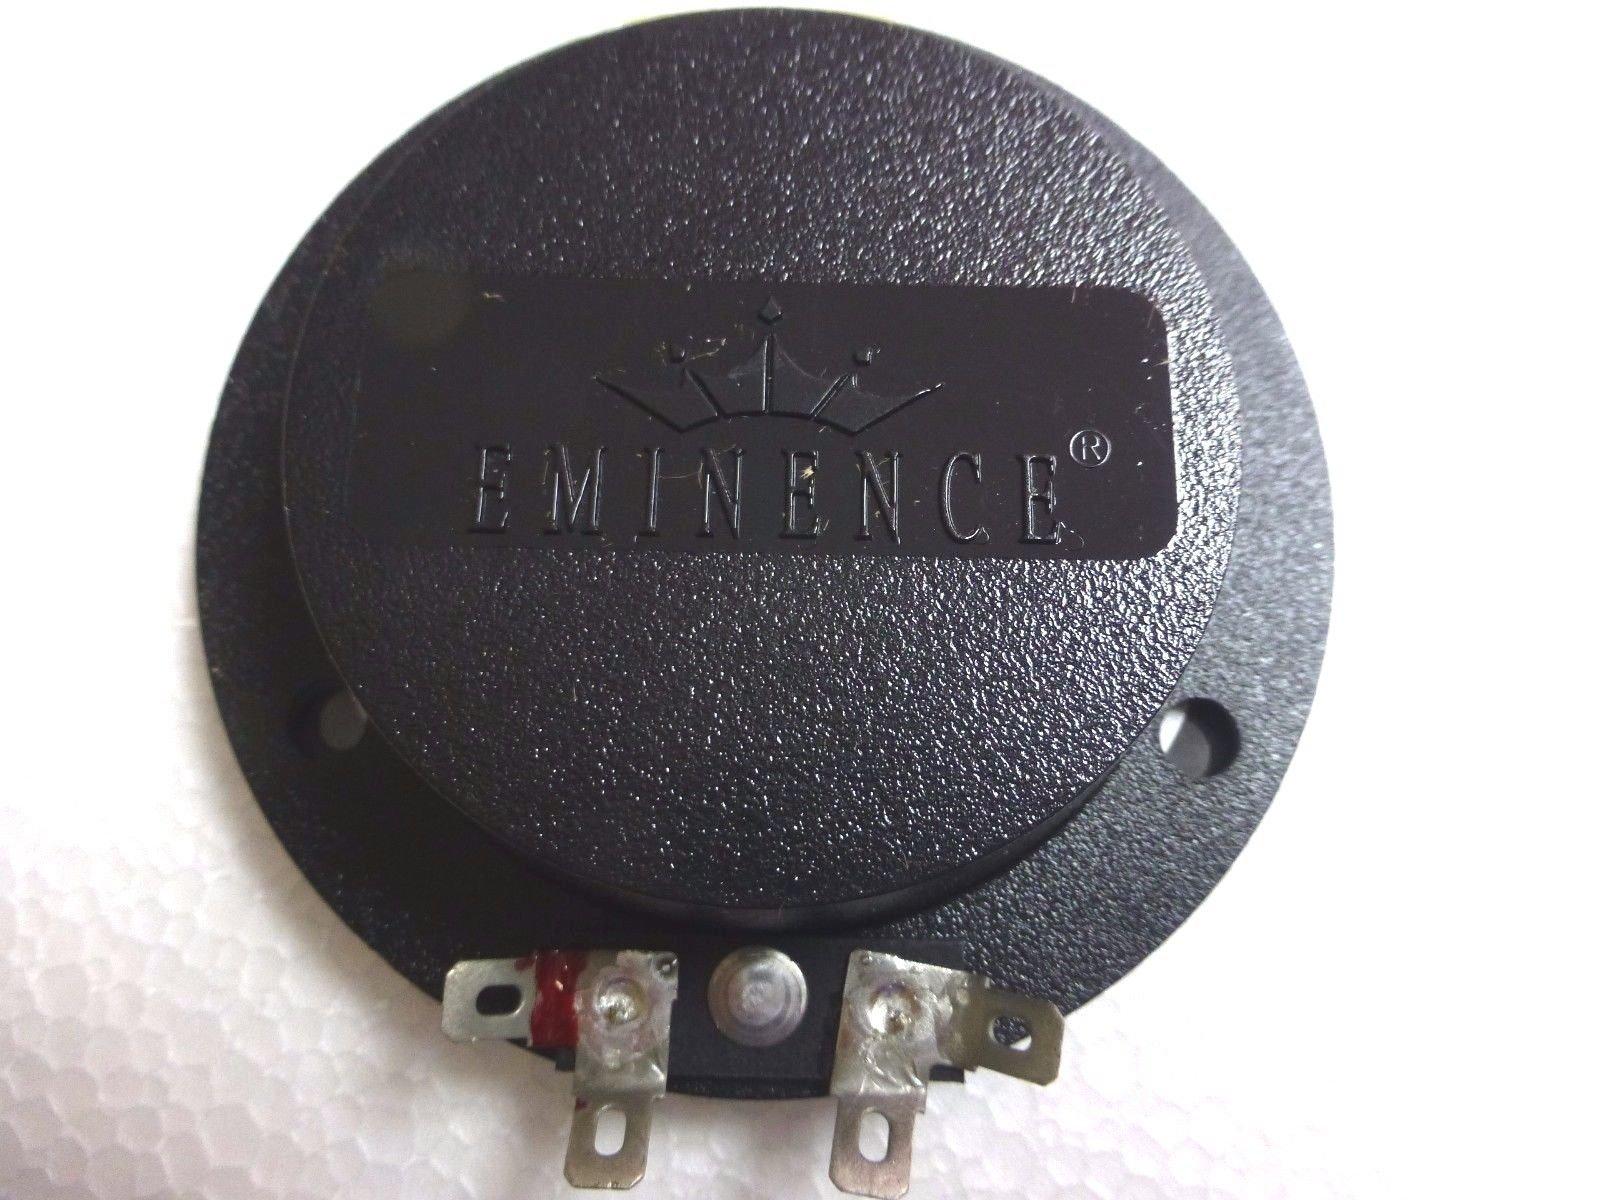 Original Diaphragm for Yorkville 7283 For PL 315 Speaker Cabinet 16 Ohm